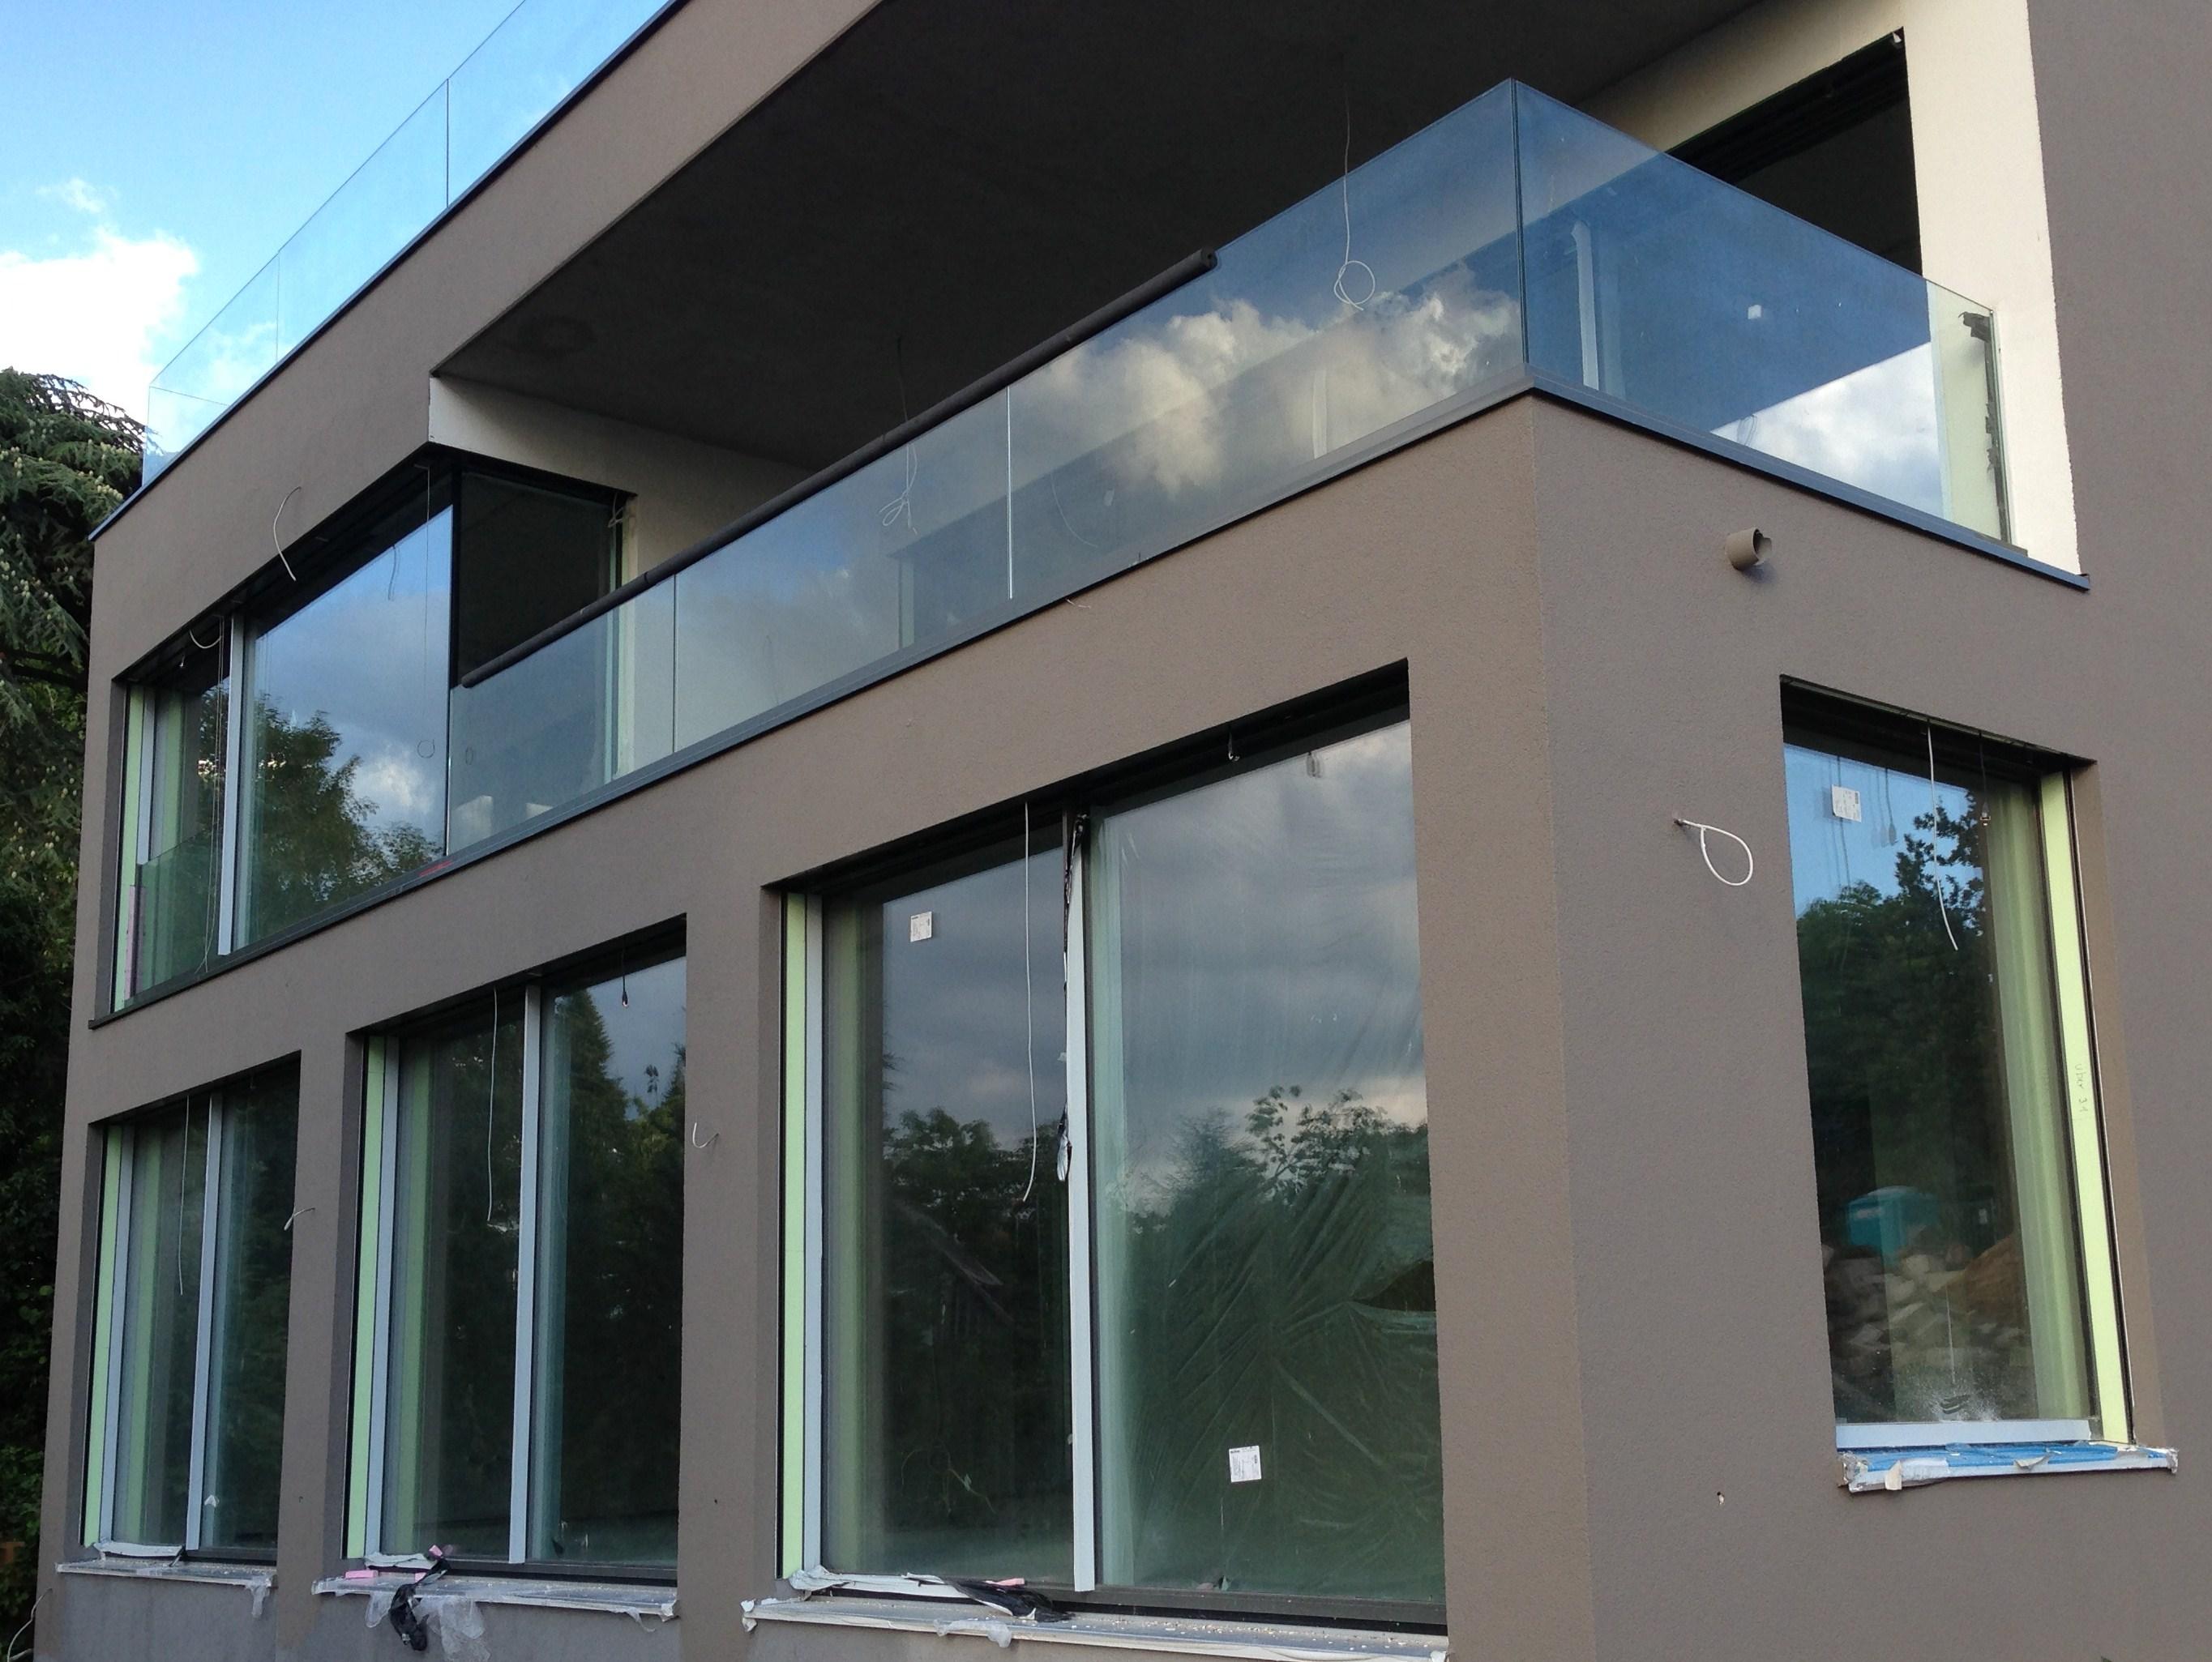 Umbau Altbauvilla In Bensheim Auerbach Metall Und Glas